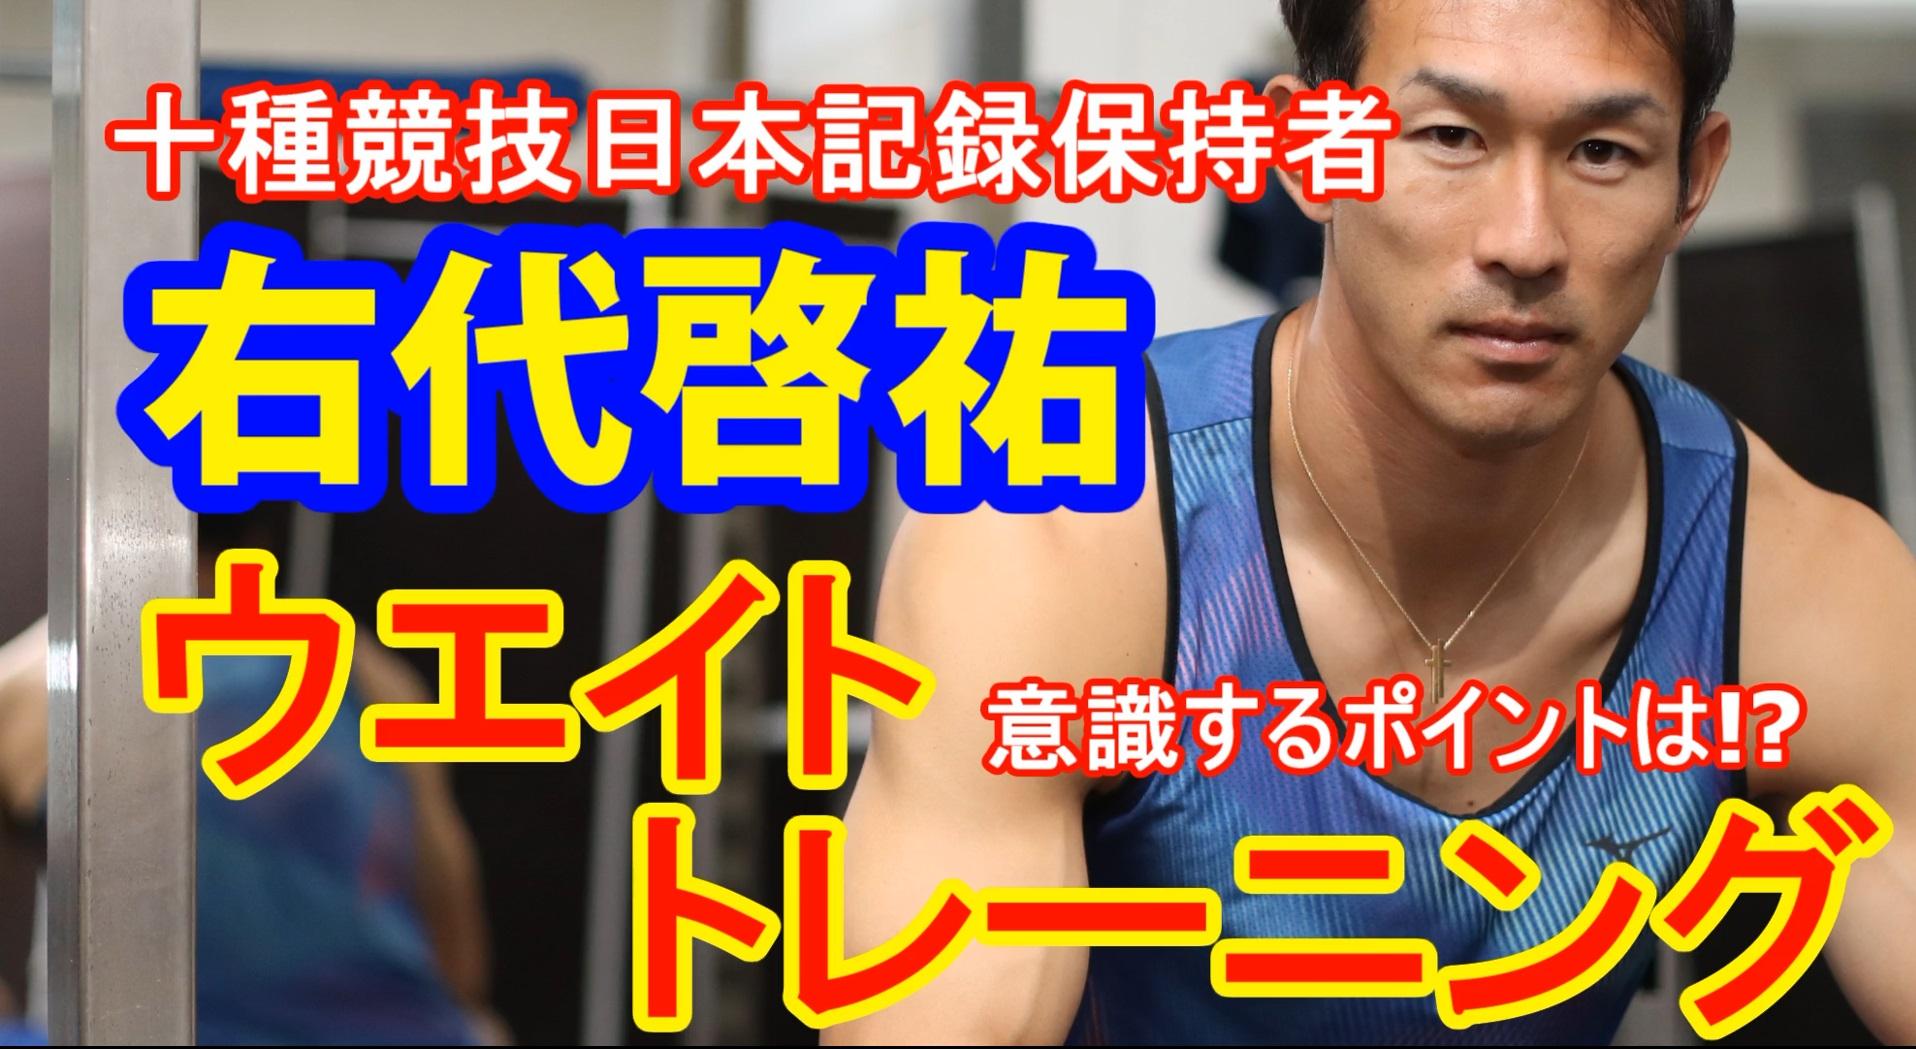 【トレーニング】十種競技王者・右代啓祐のウエイトトレーニング!意識するポイントを伝授